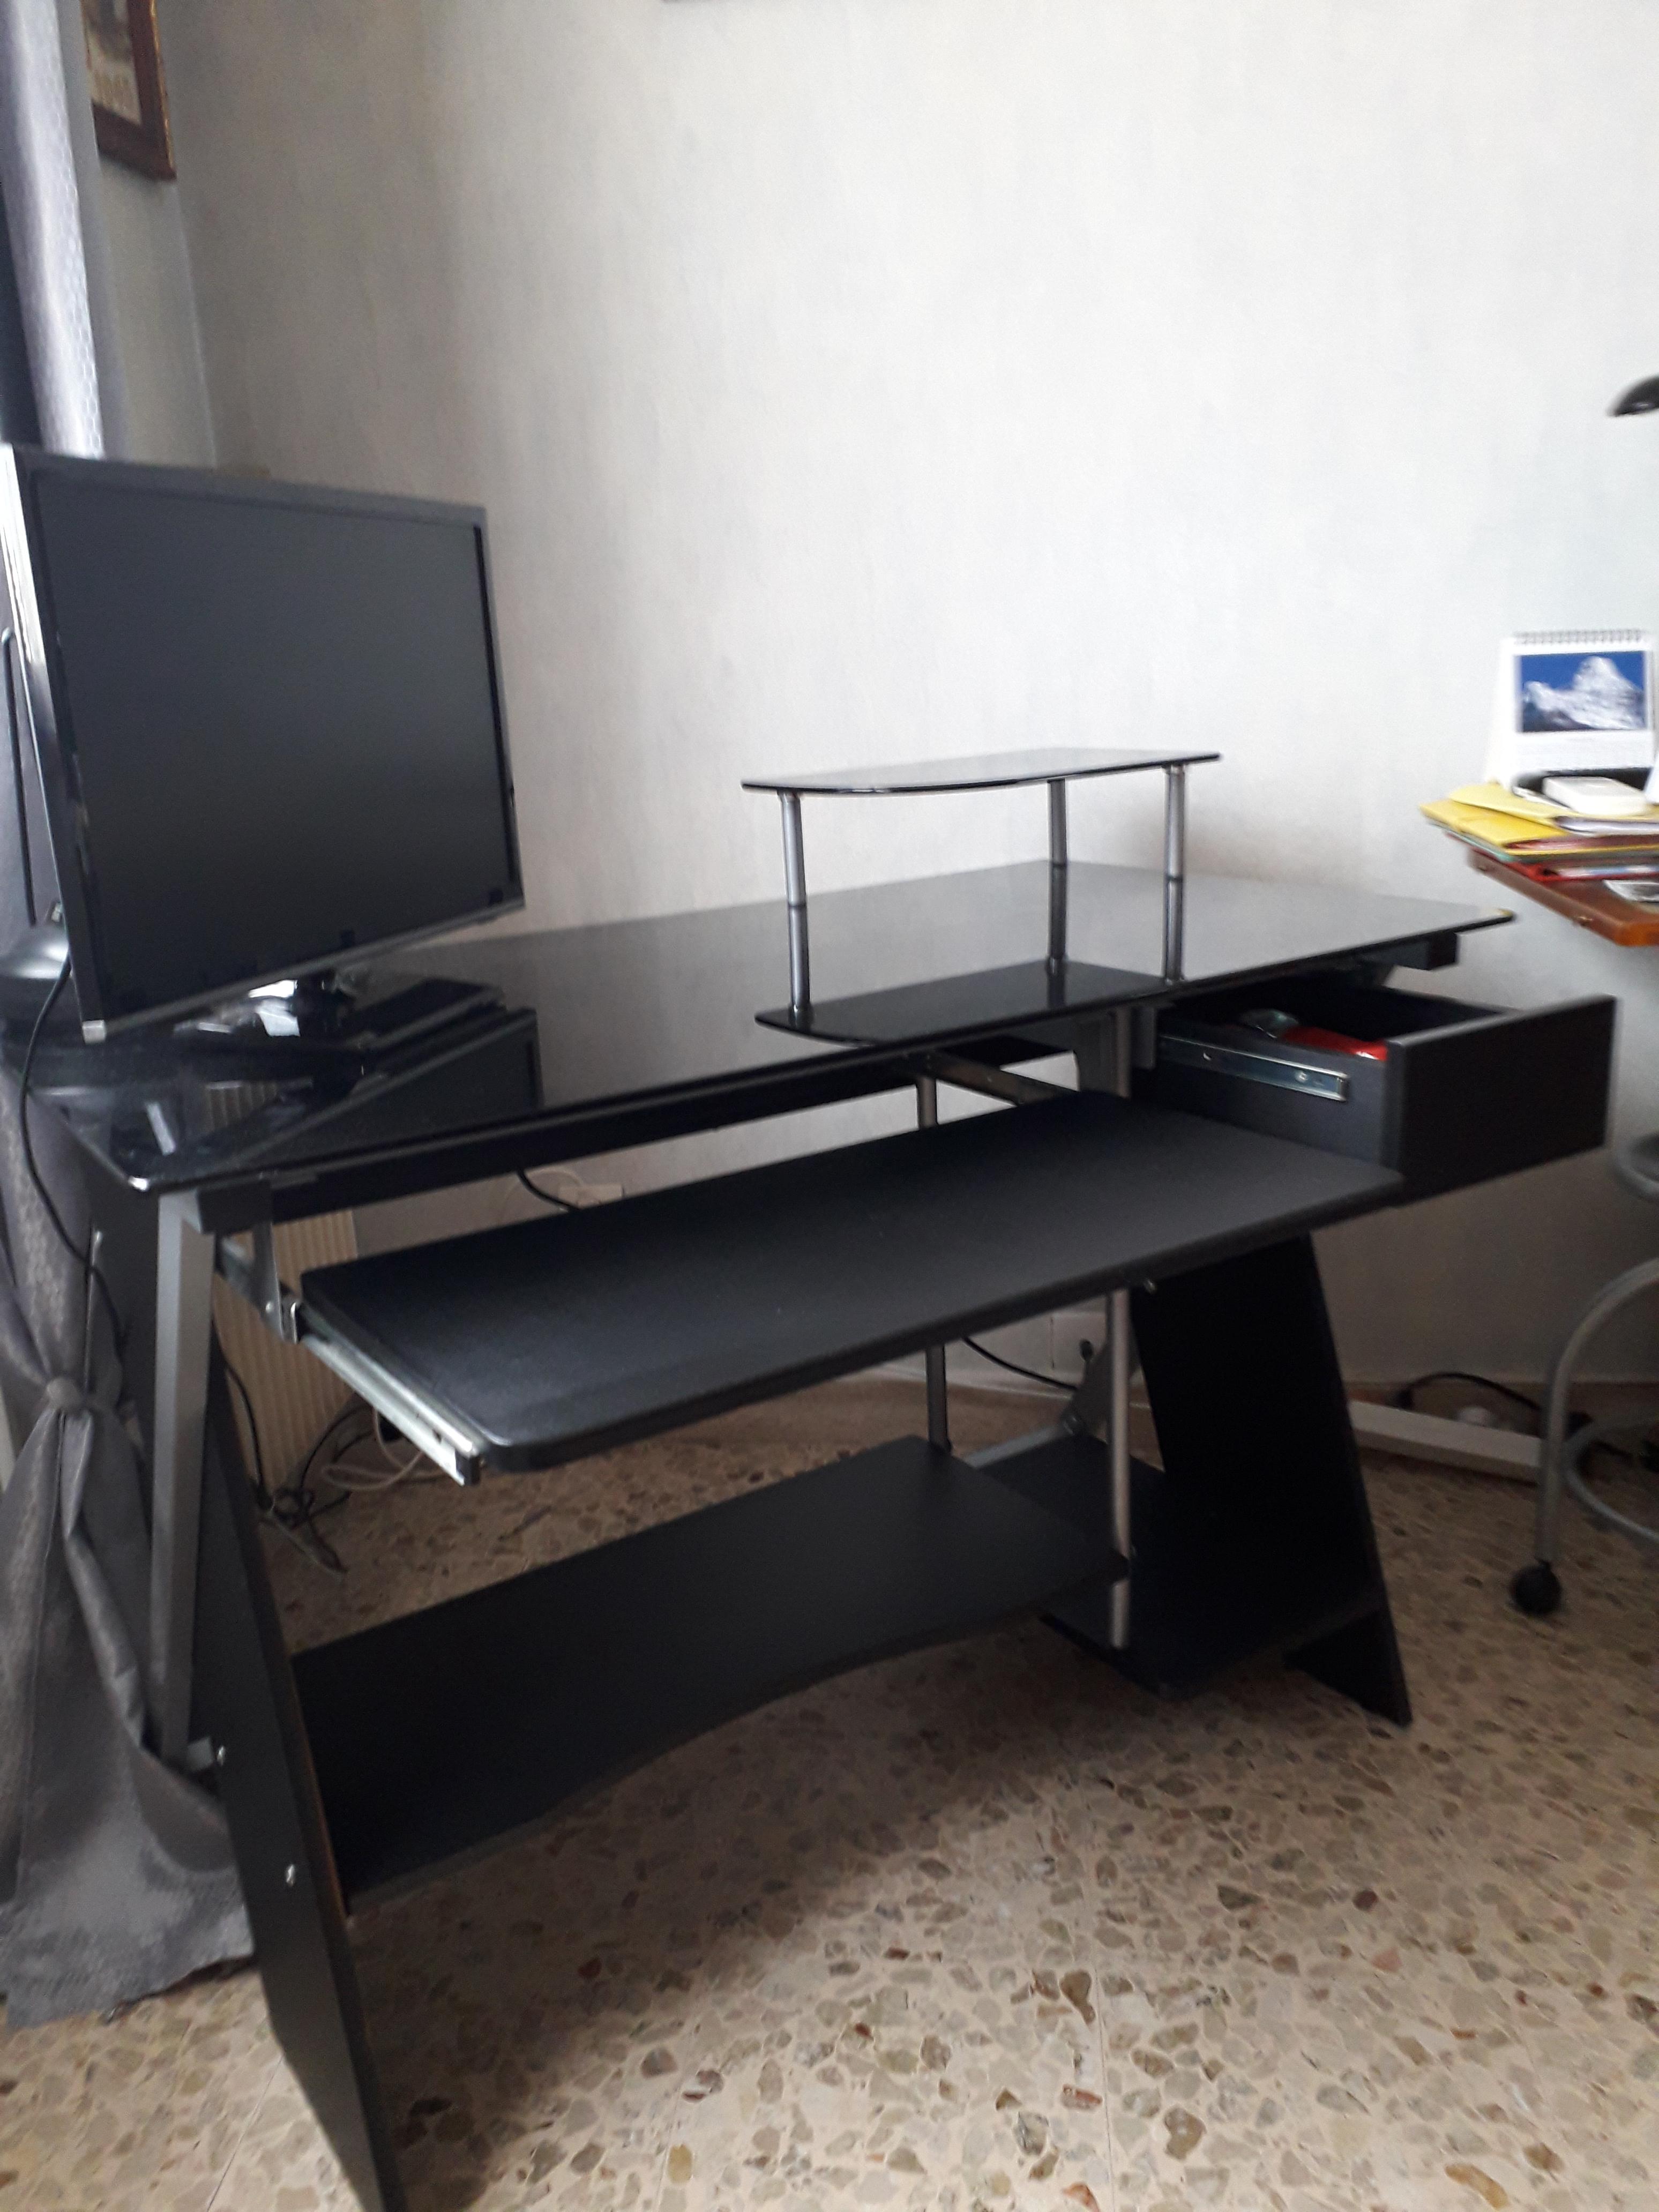 bureau pour ordinateur ou autre, en verre fumé noir et bois 40 Saint-Laurent-du-Var (06)